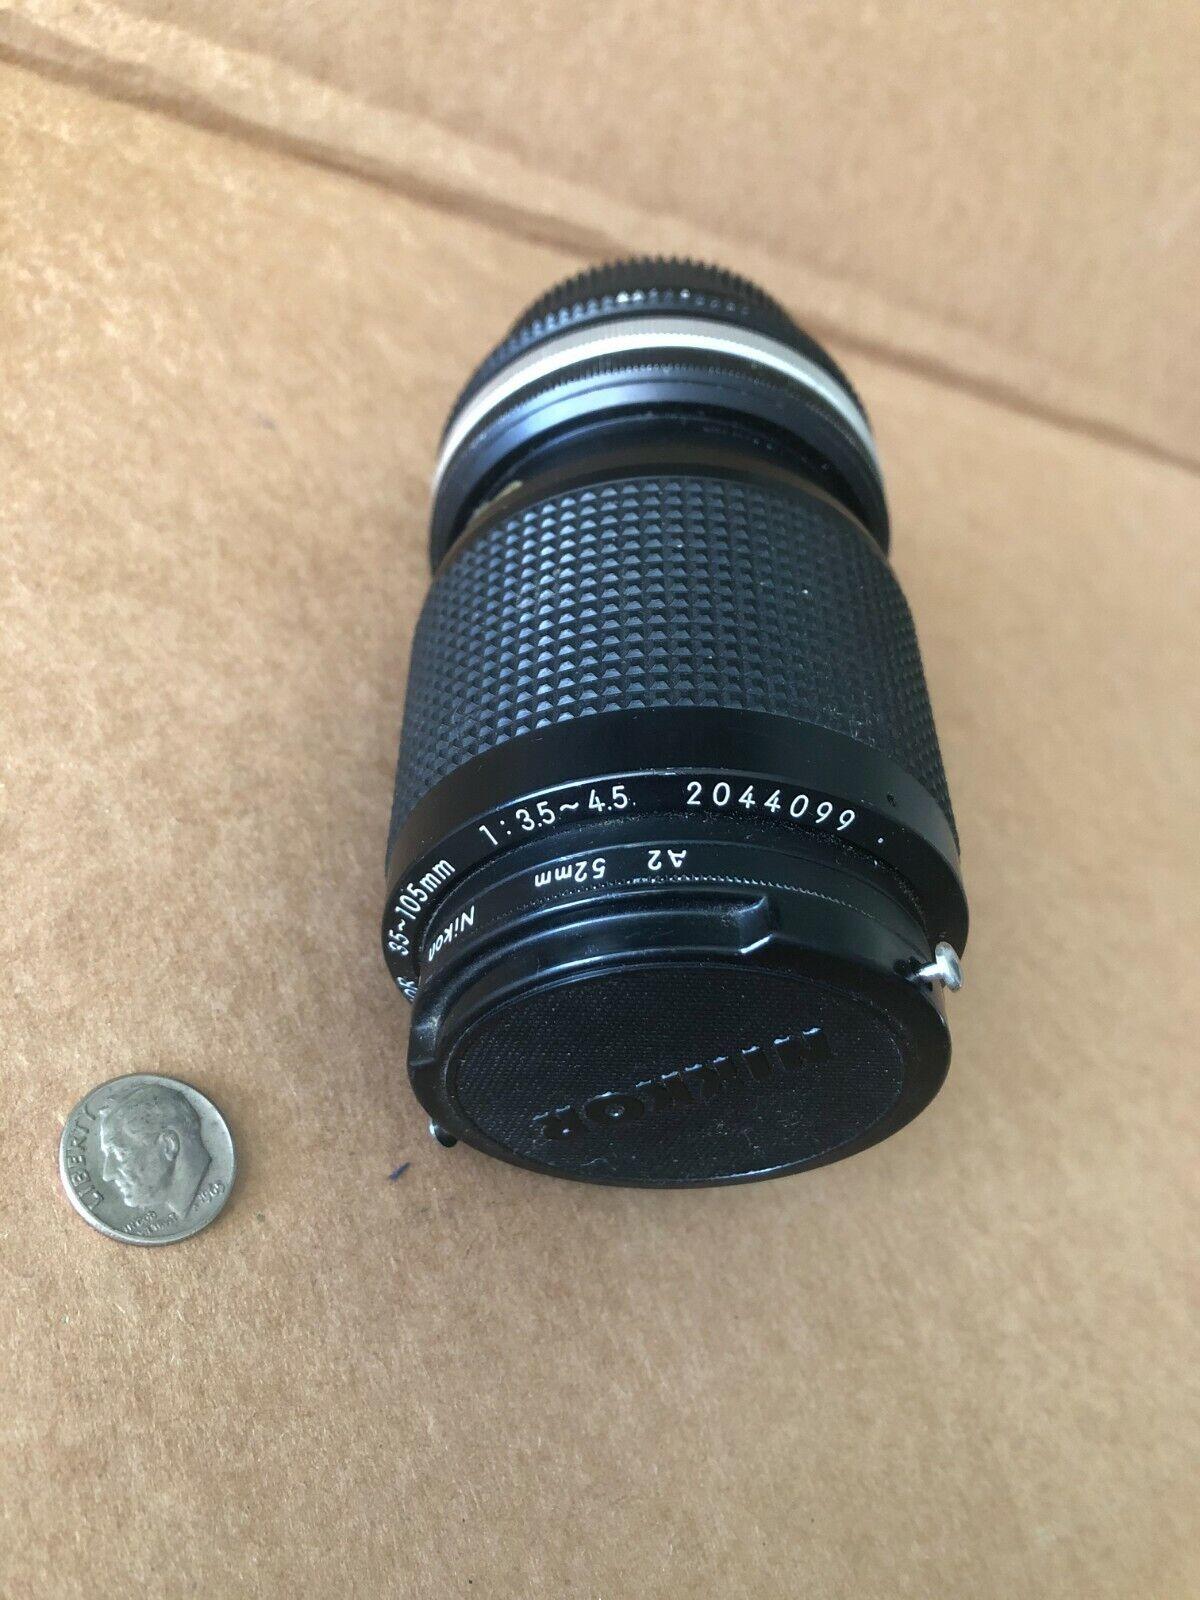 Nikon Camera Lens Zoom-NIKKOR 35 105mm With Filter - $19.95